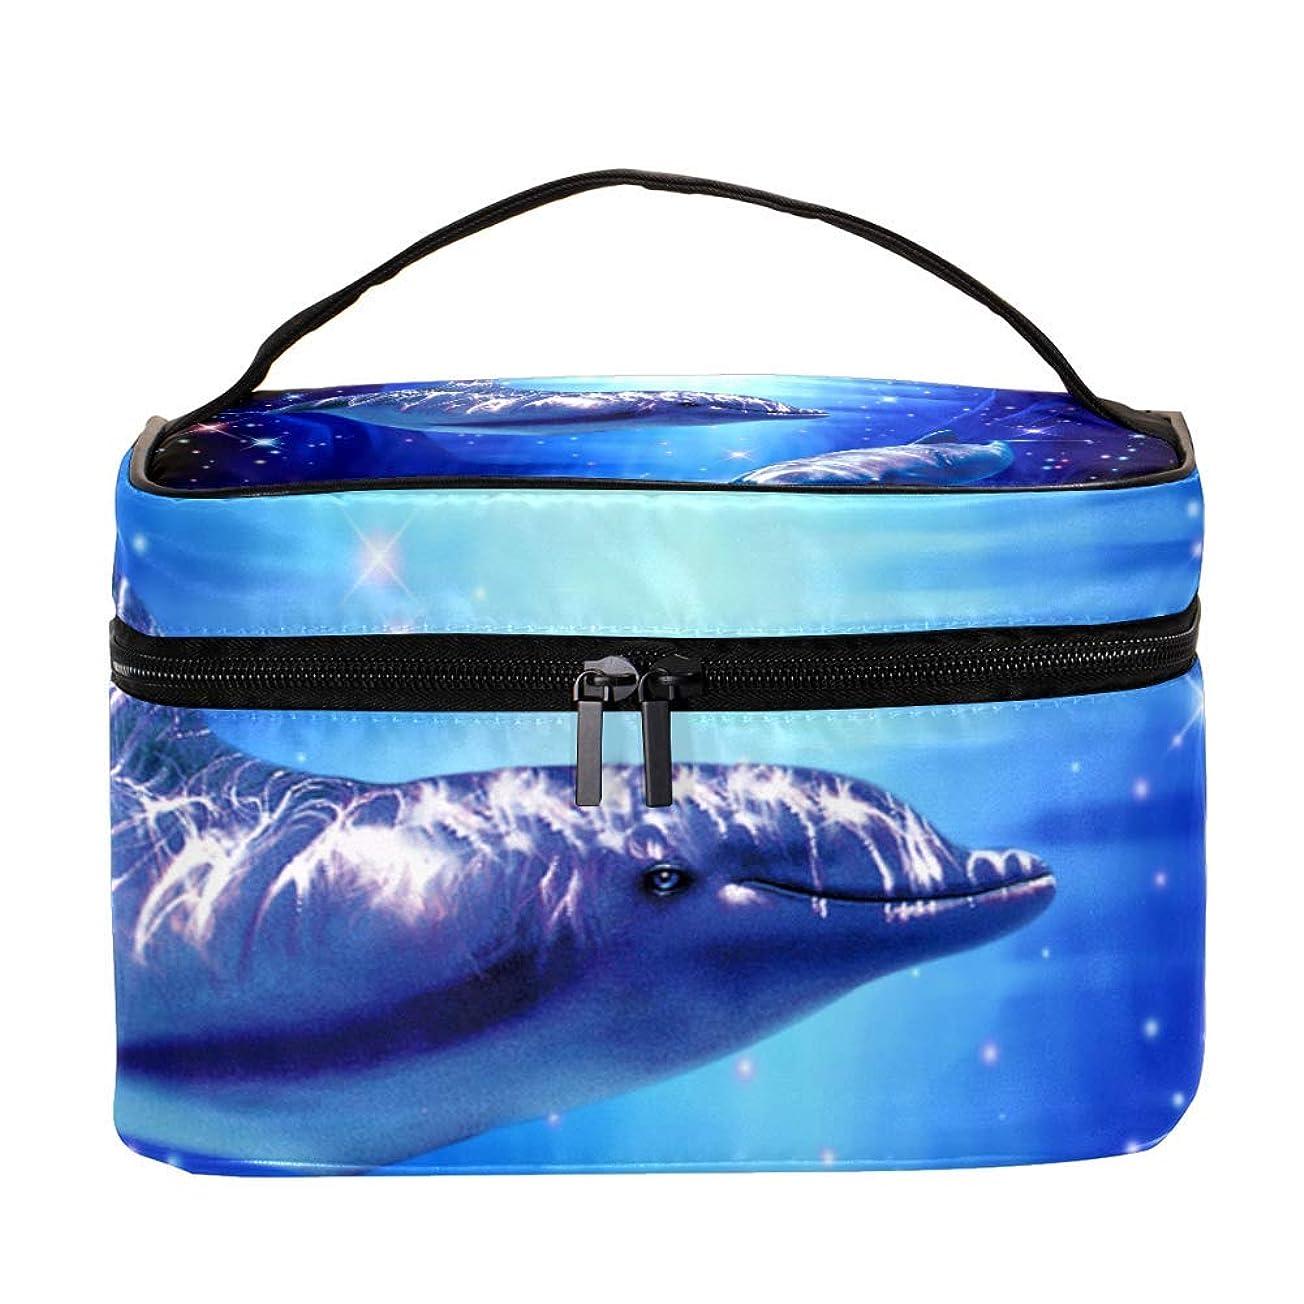 トラフィックコンドームはさみAyuStyle バニティポーチ トラベルバッグ イルカ 海豚 化粧ポーチ メイクポーチ コスメバッグ 化粧道具 大容量 機能的 小物入れ おしゃれ かわいい 収納ケース